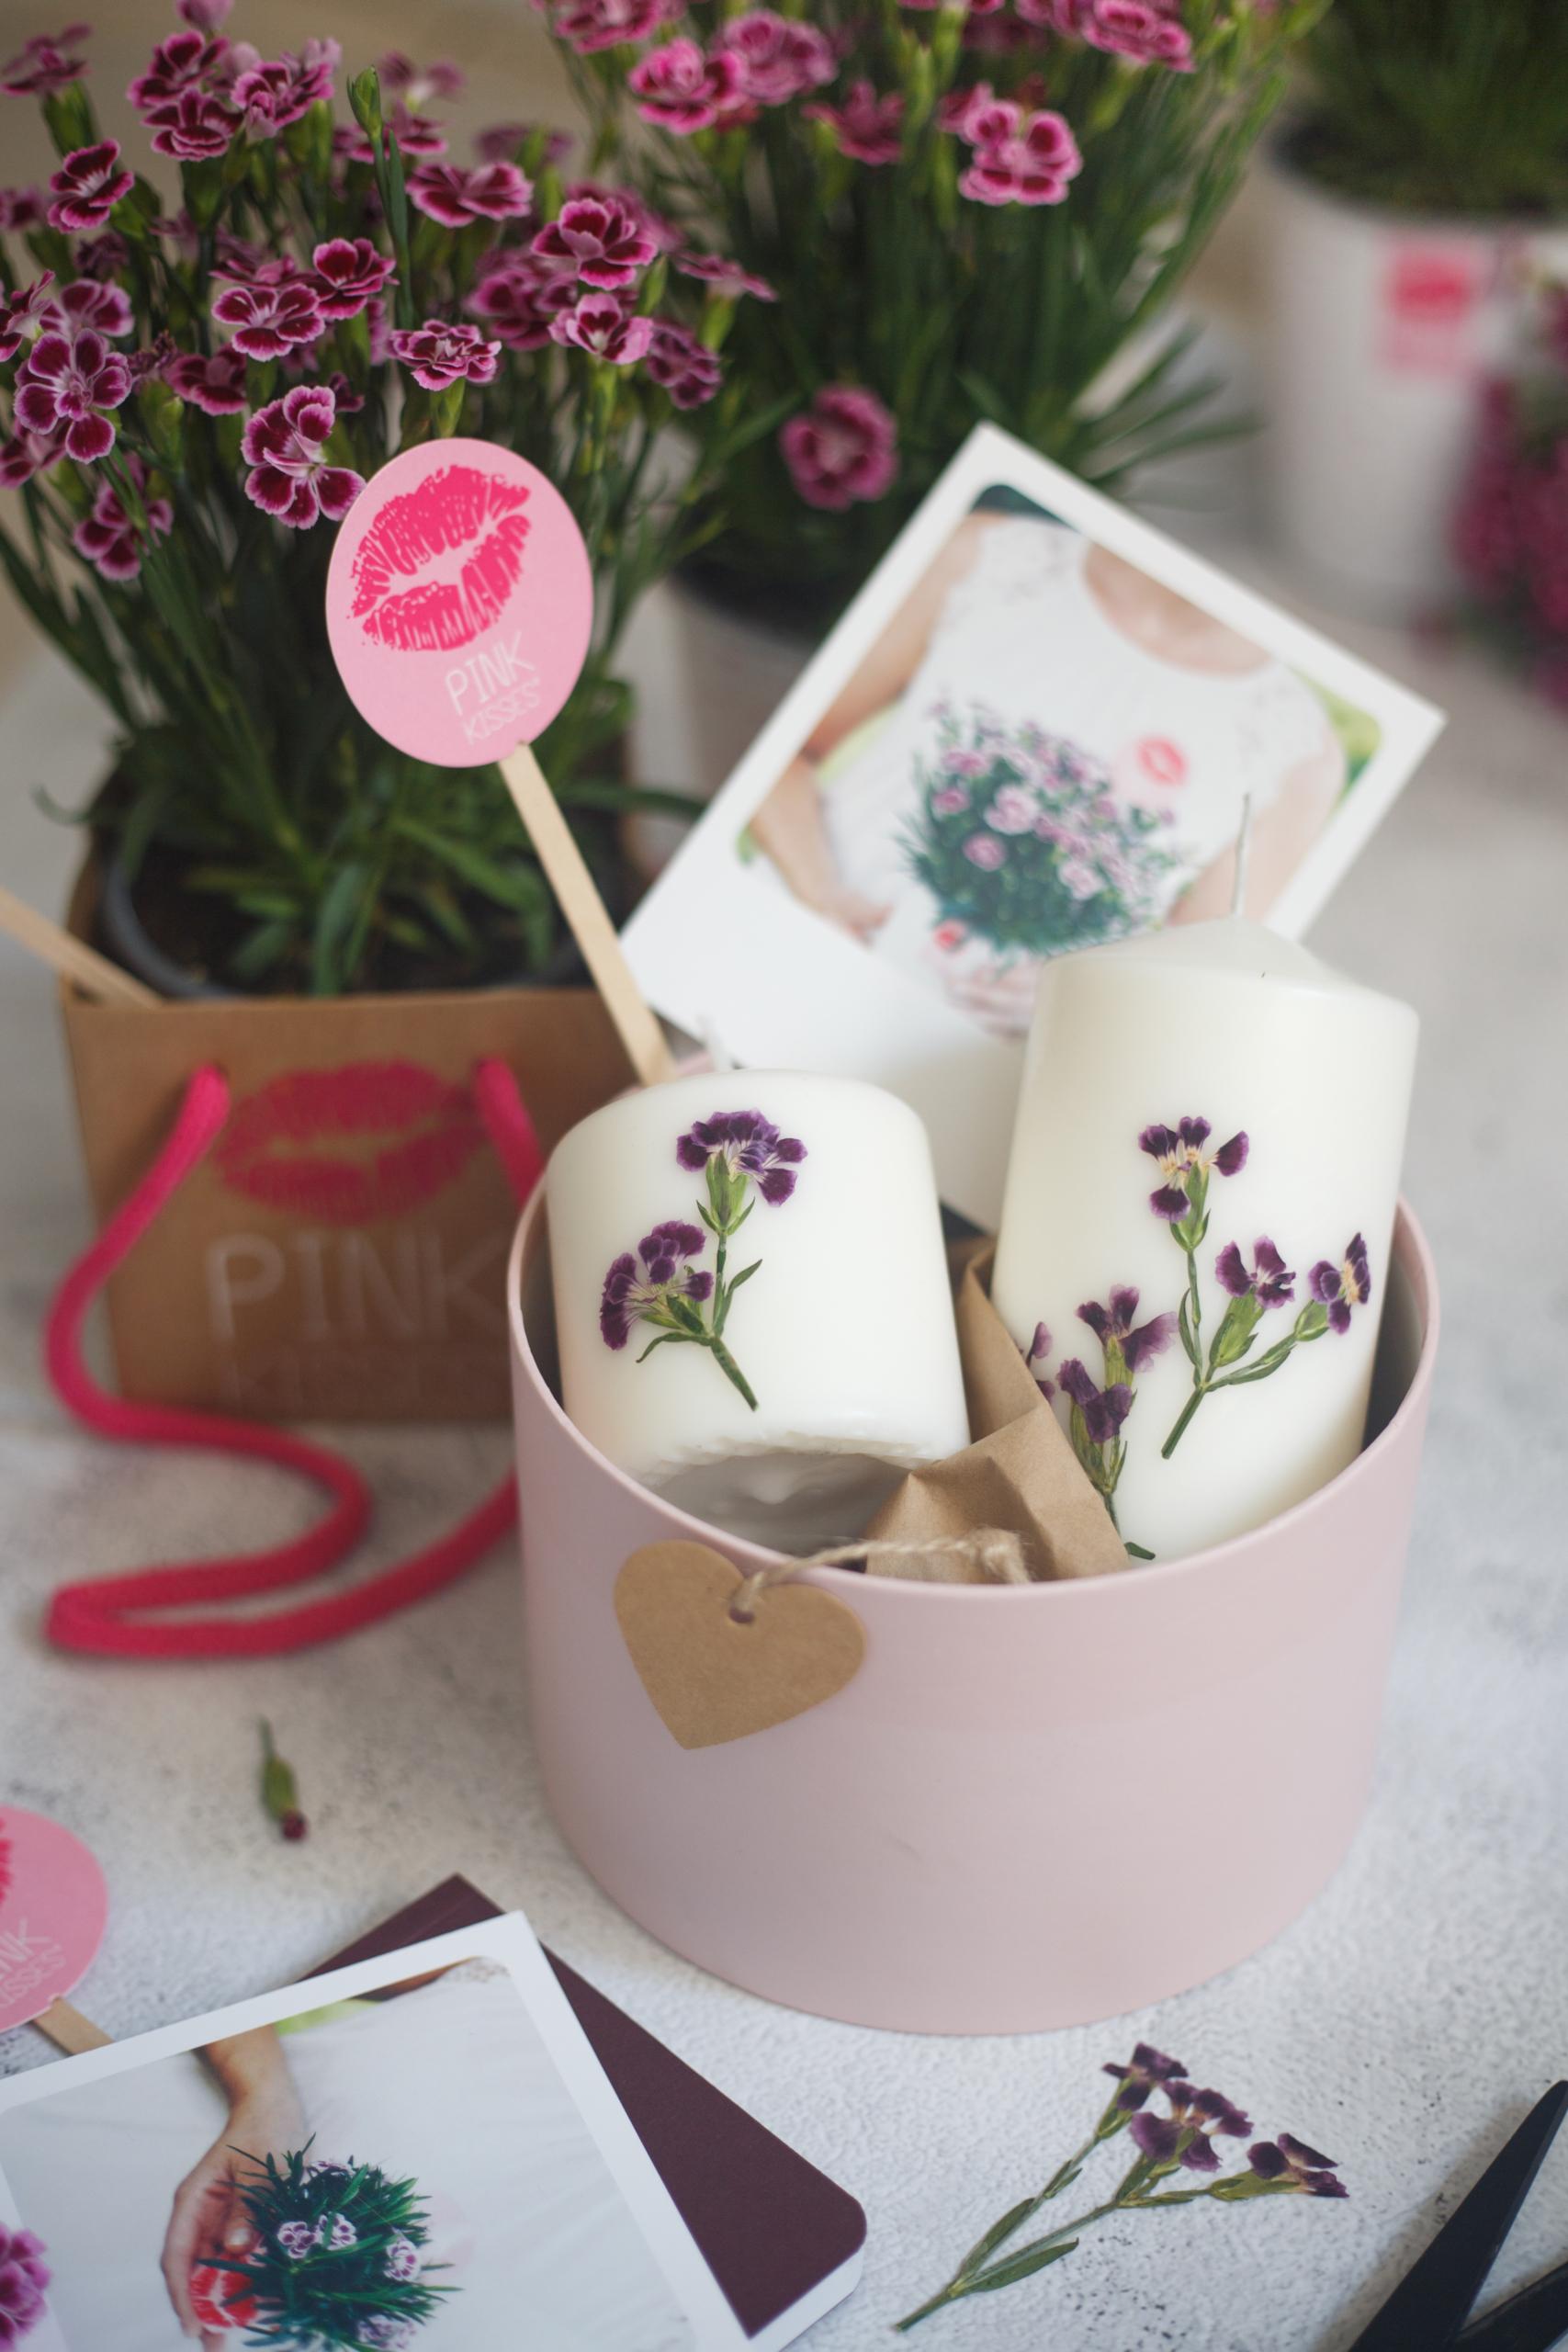 Kerzen mit getrockneten Pink-Kisses-Blüten in einer Geschenkschachtel